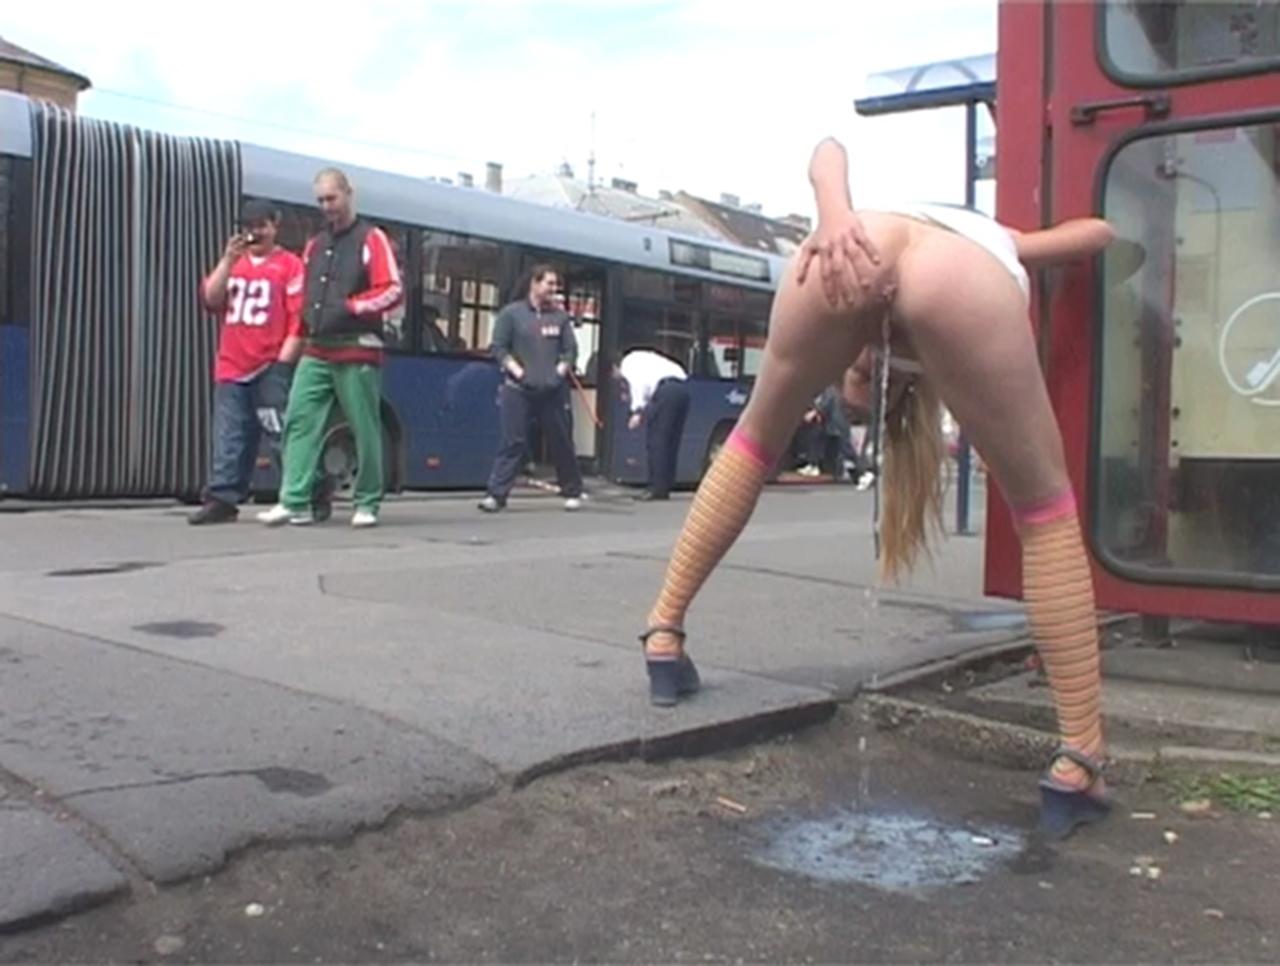 girls pissing in public